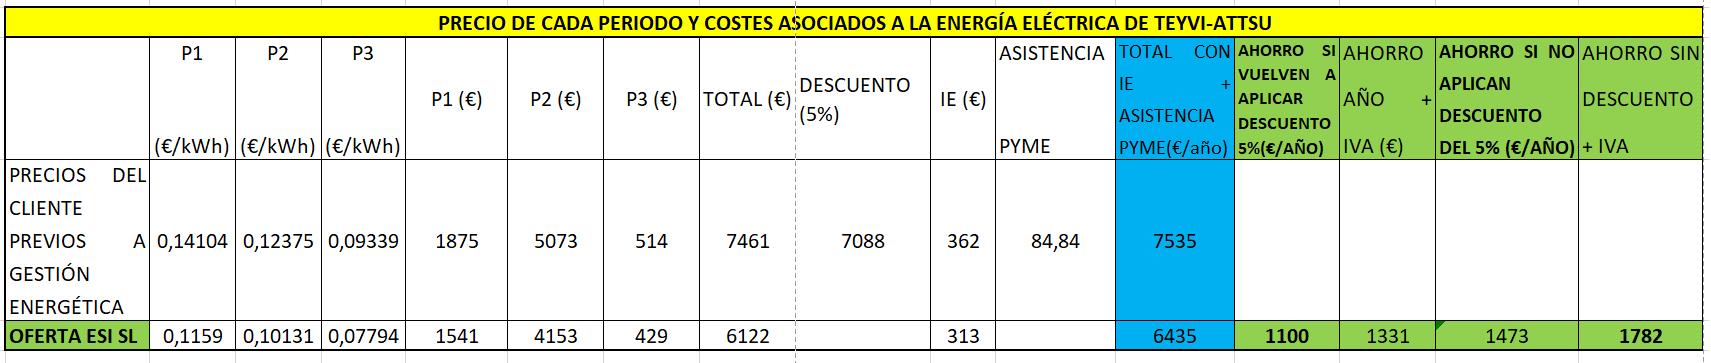 Precio de cada periodo y costes asociados a la energía eléctrica de TEYVI-ATTSU